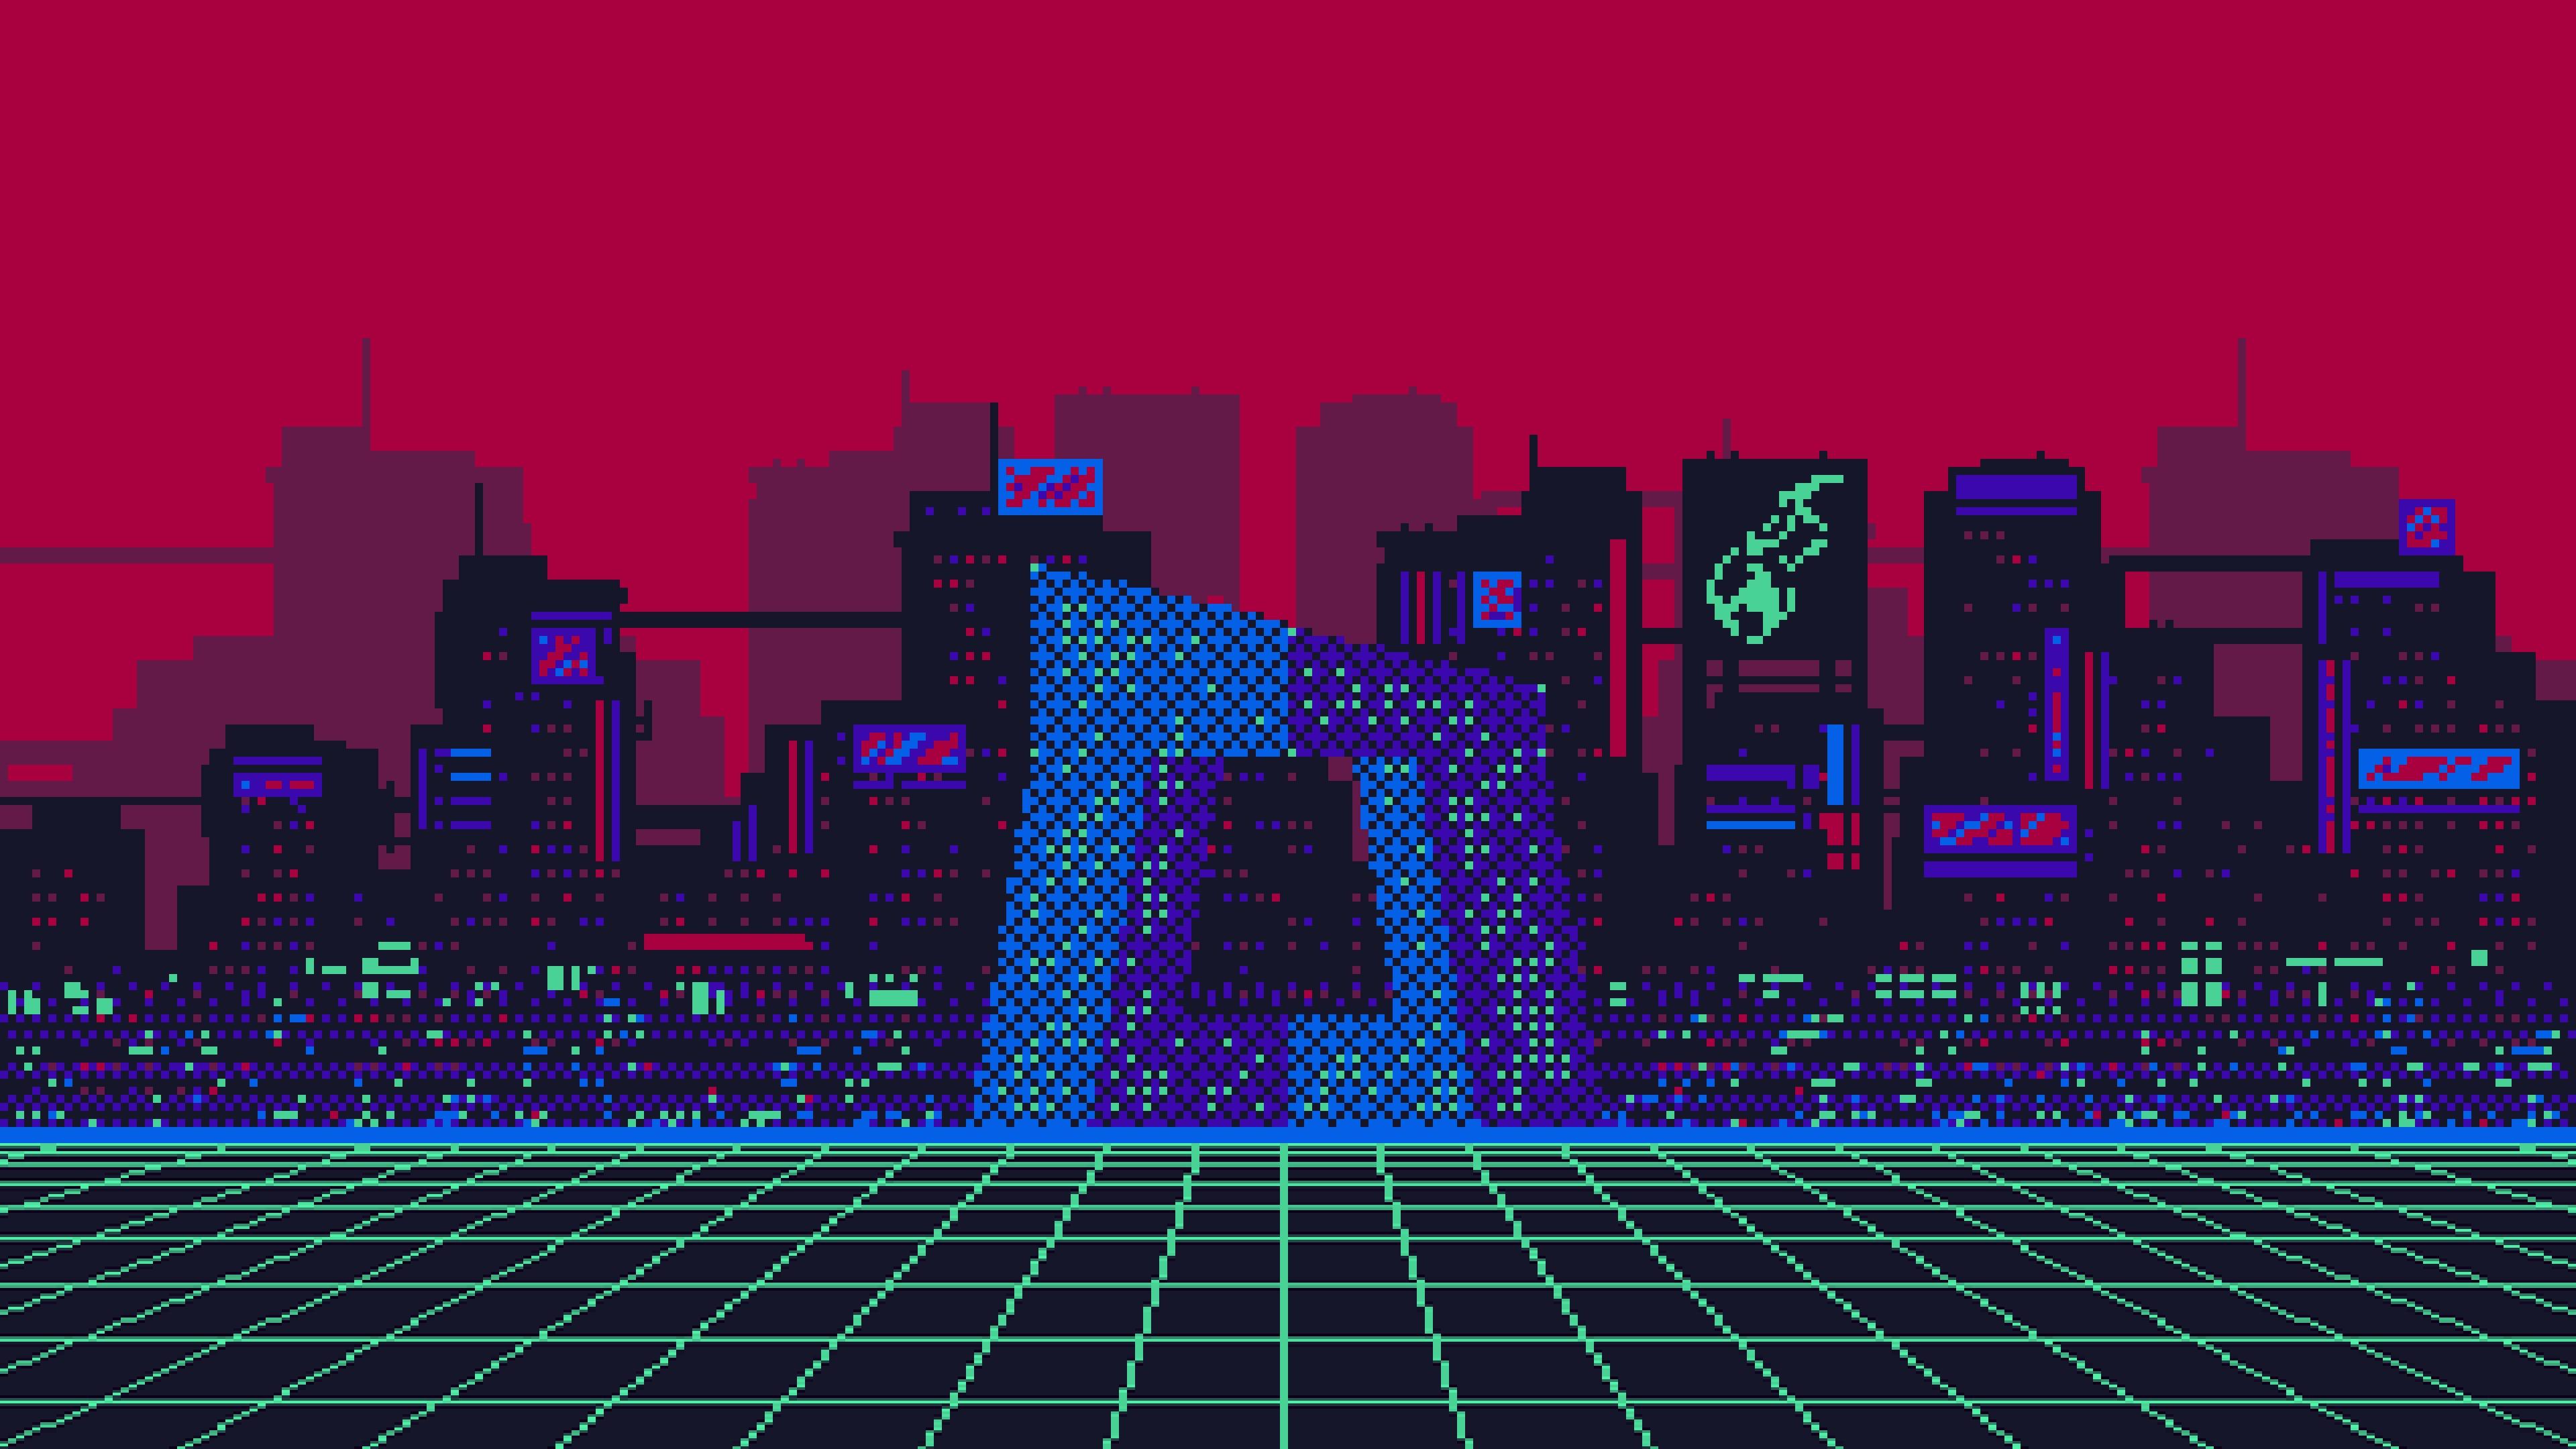 Pixel art city 4k Ultra HD Wallpaper | Achtergrond ...